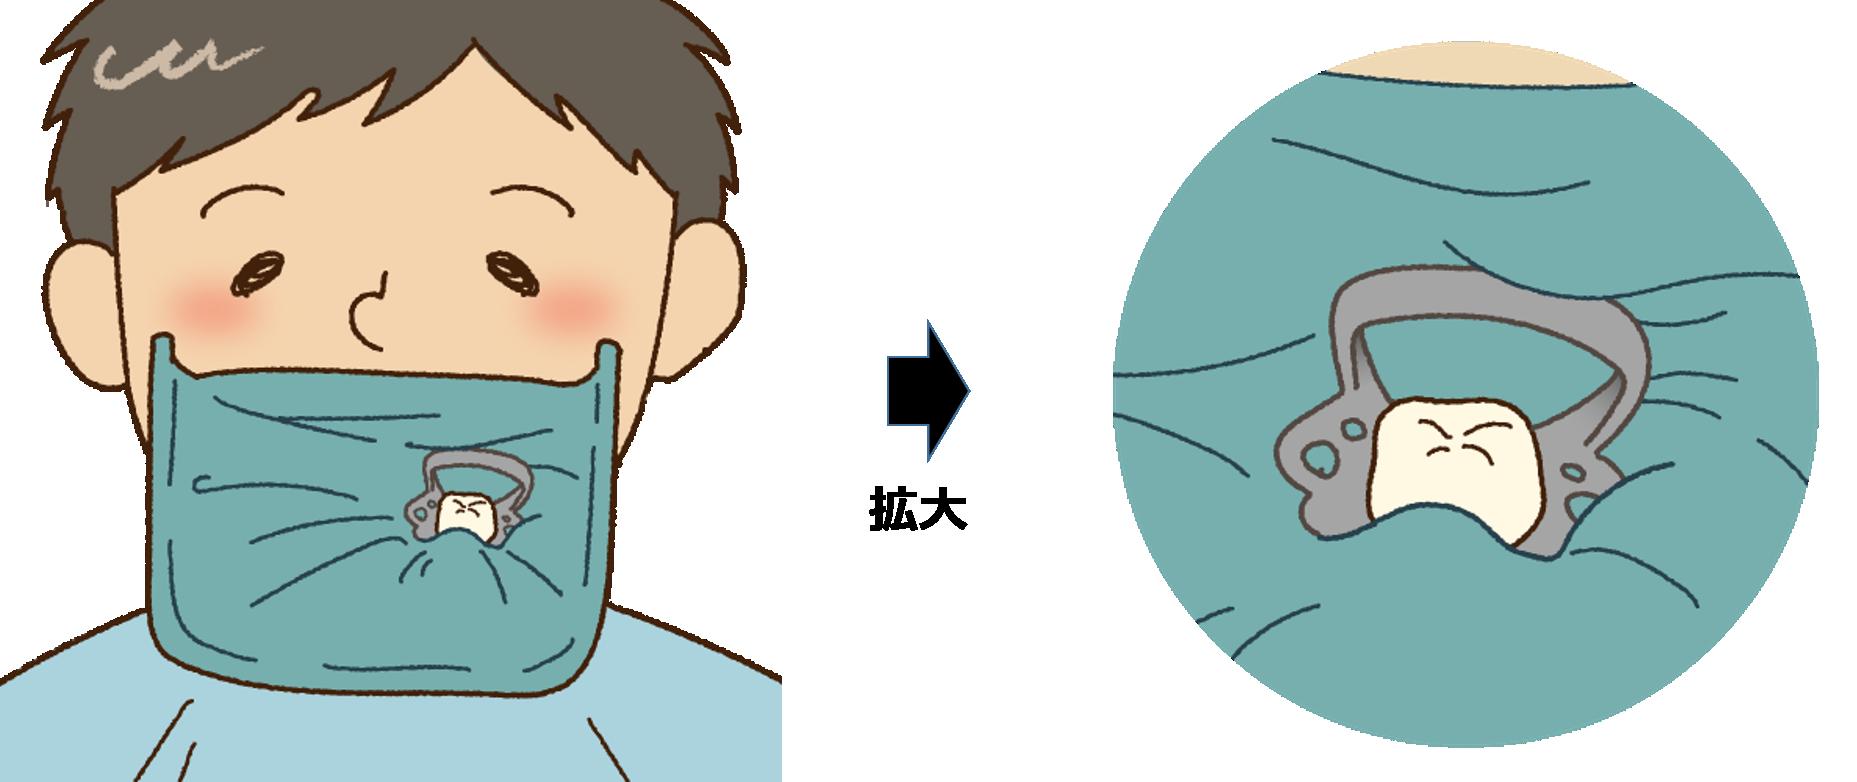 歯の神経の治療で使用するラバーダム